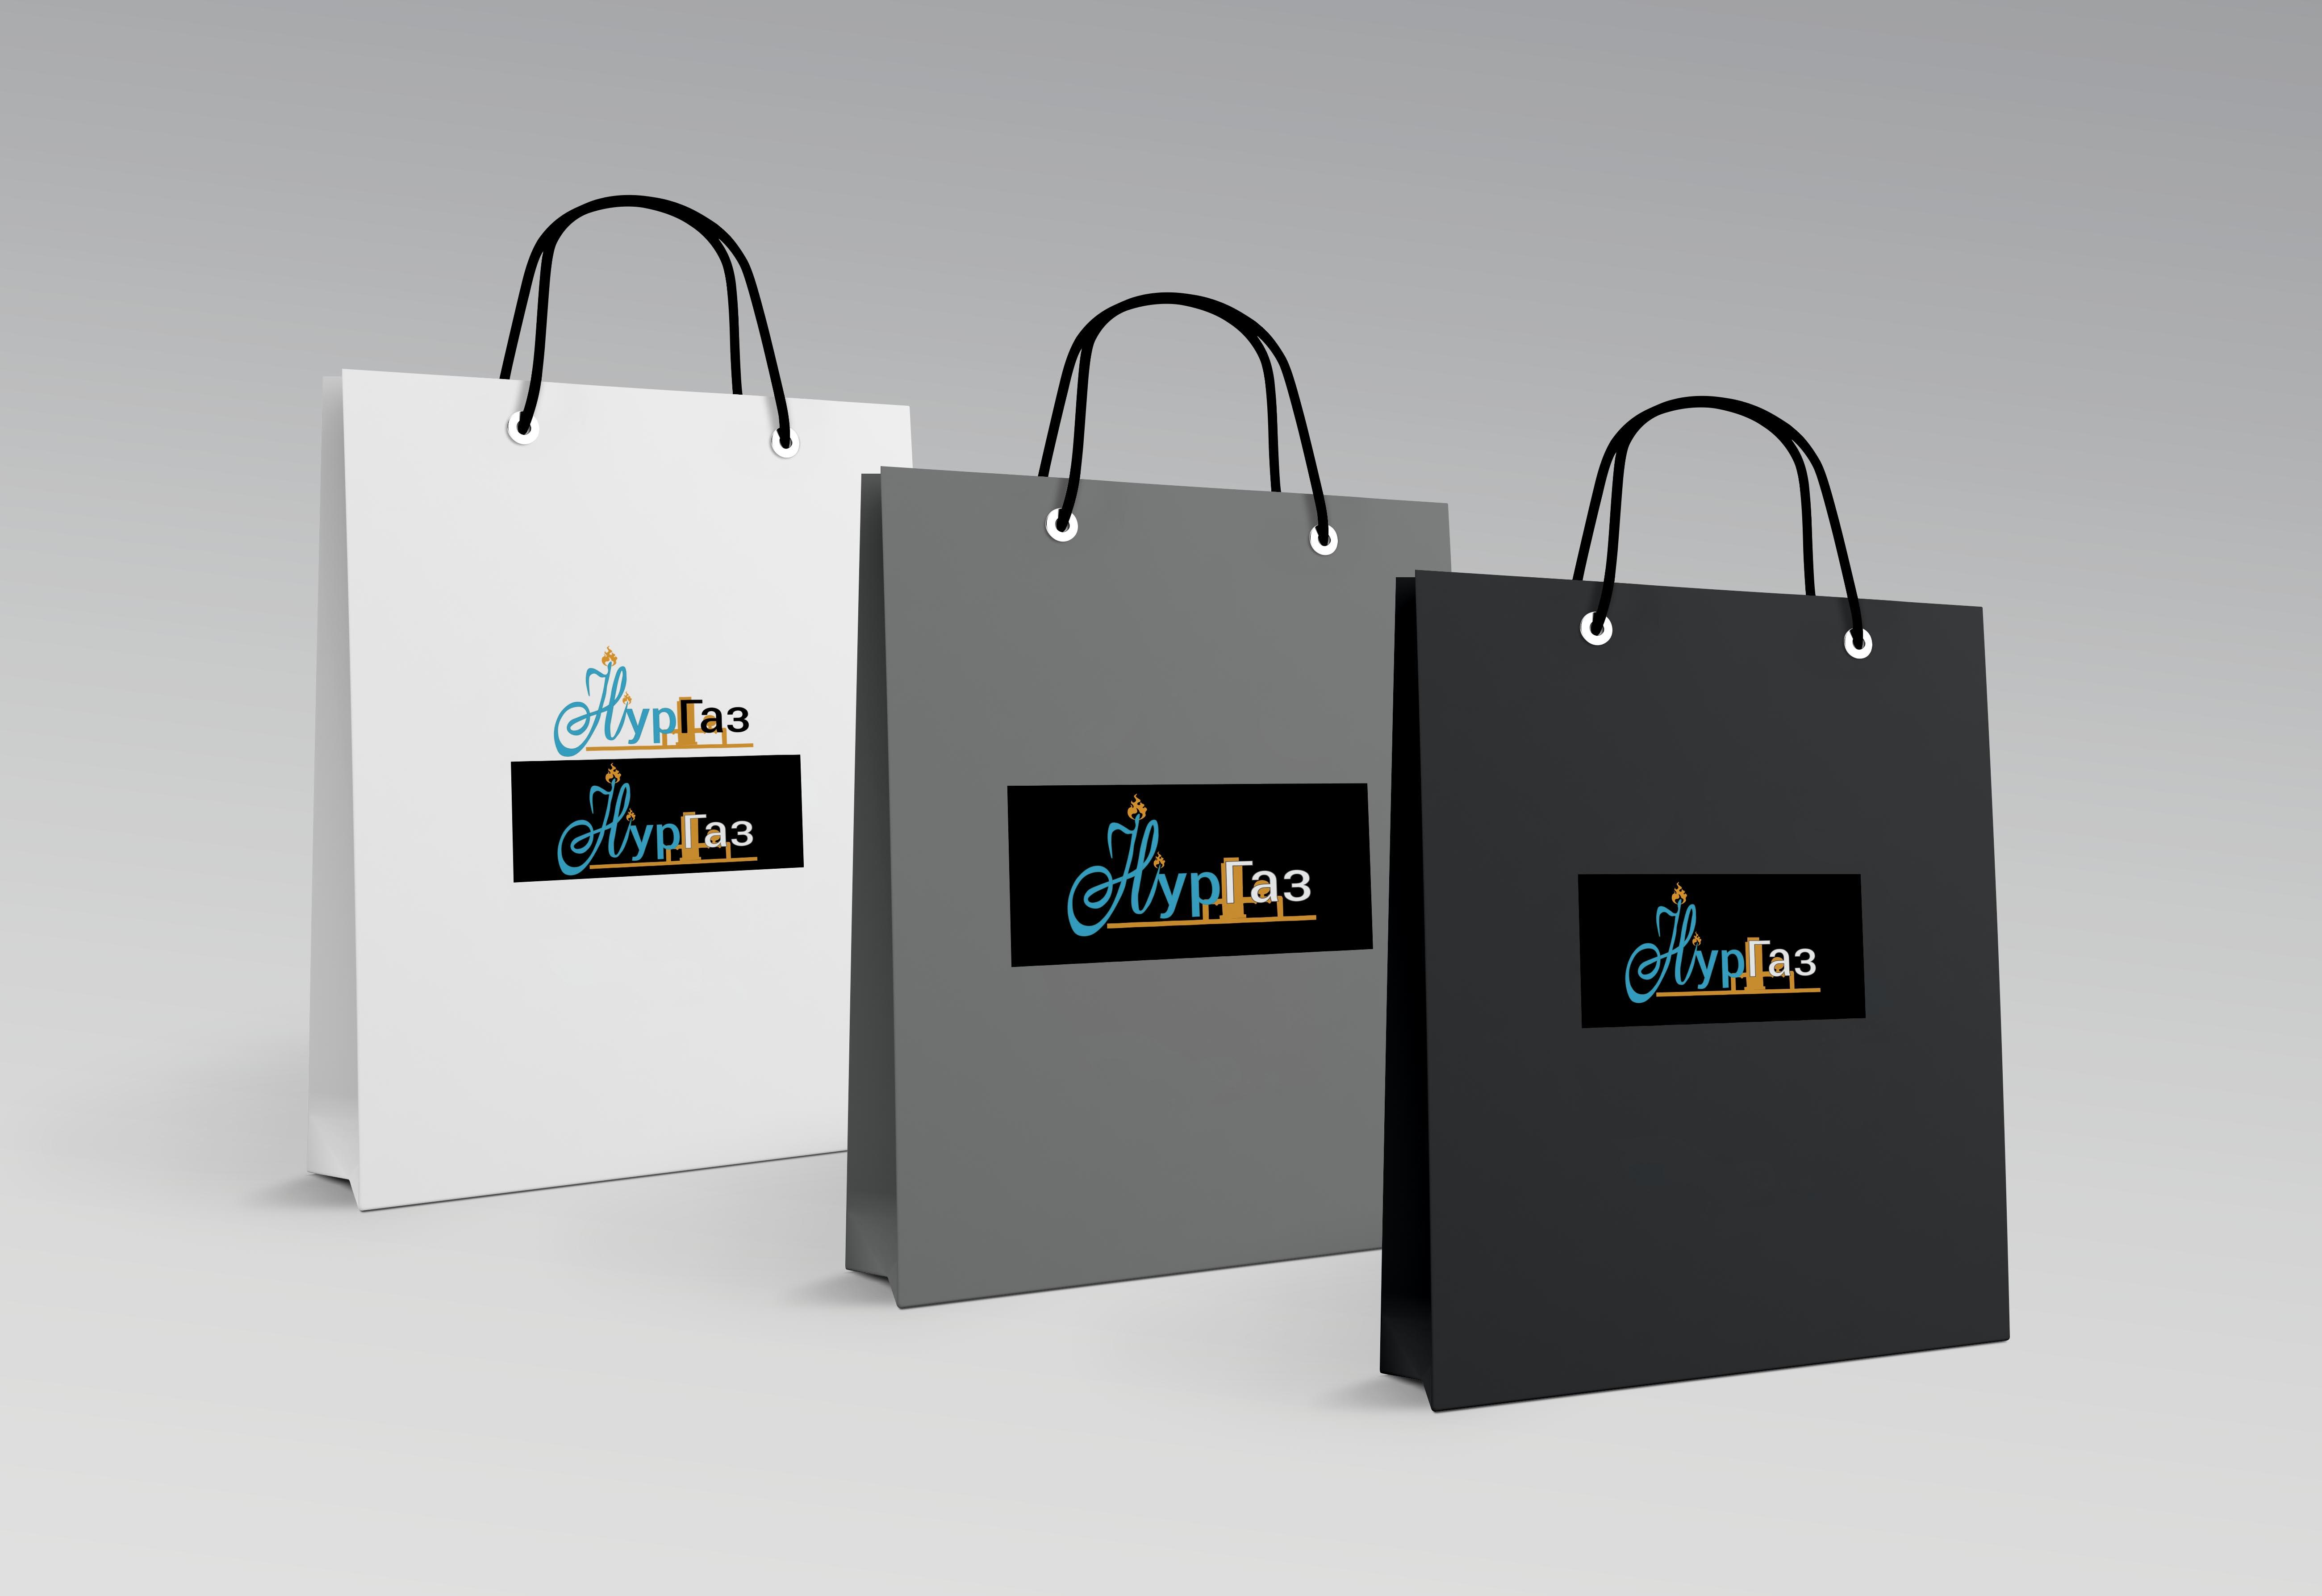 Разработка логотипа и фирменного стиля фото f_2305da2116989307.jpg